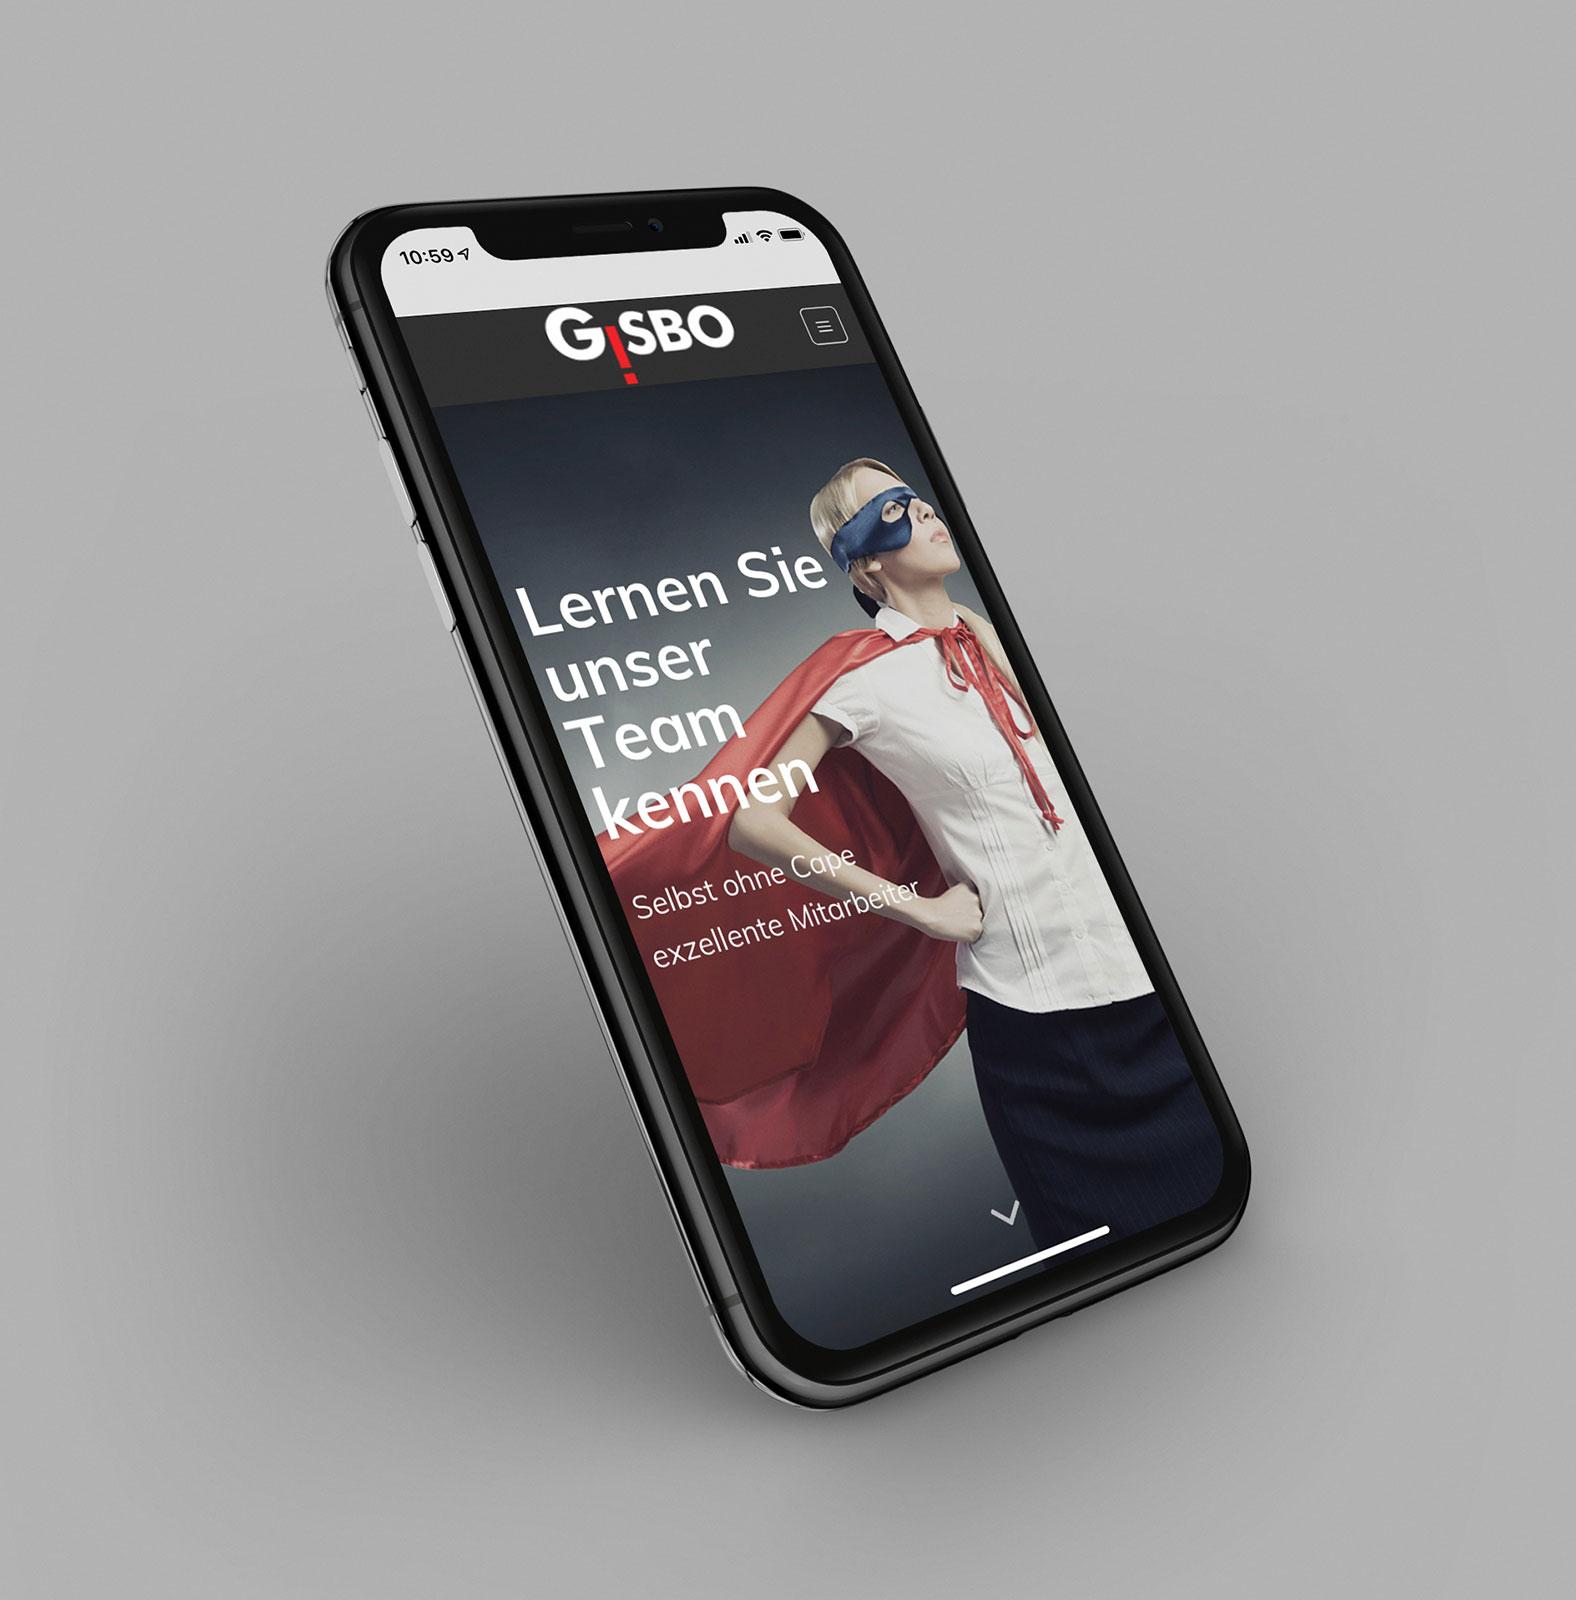 Bild von der gisbo Seite auf dem iphone